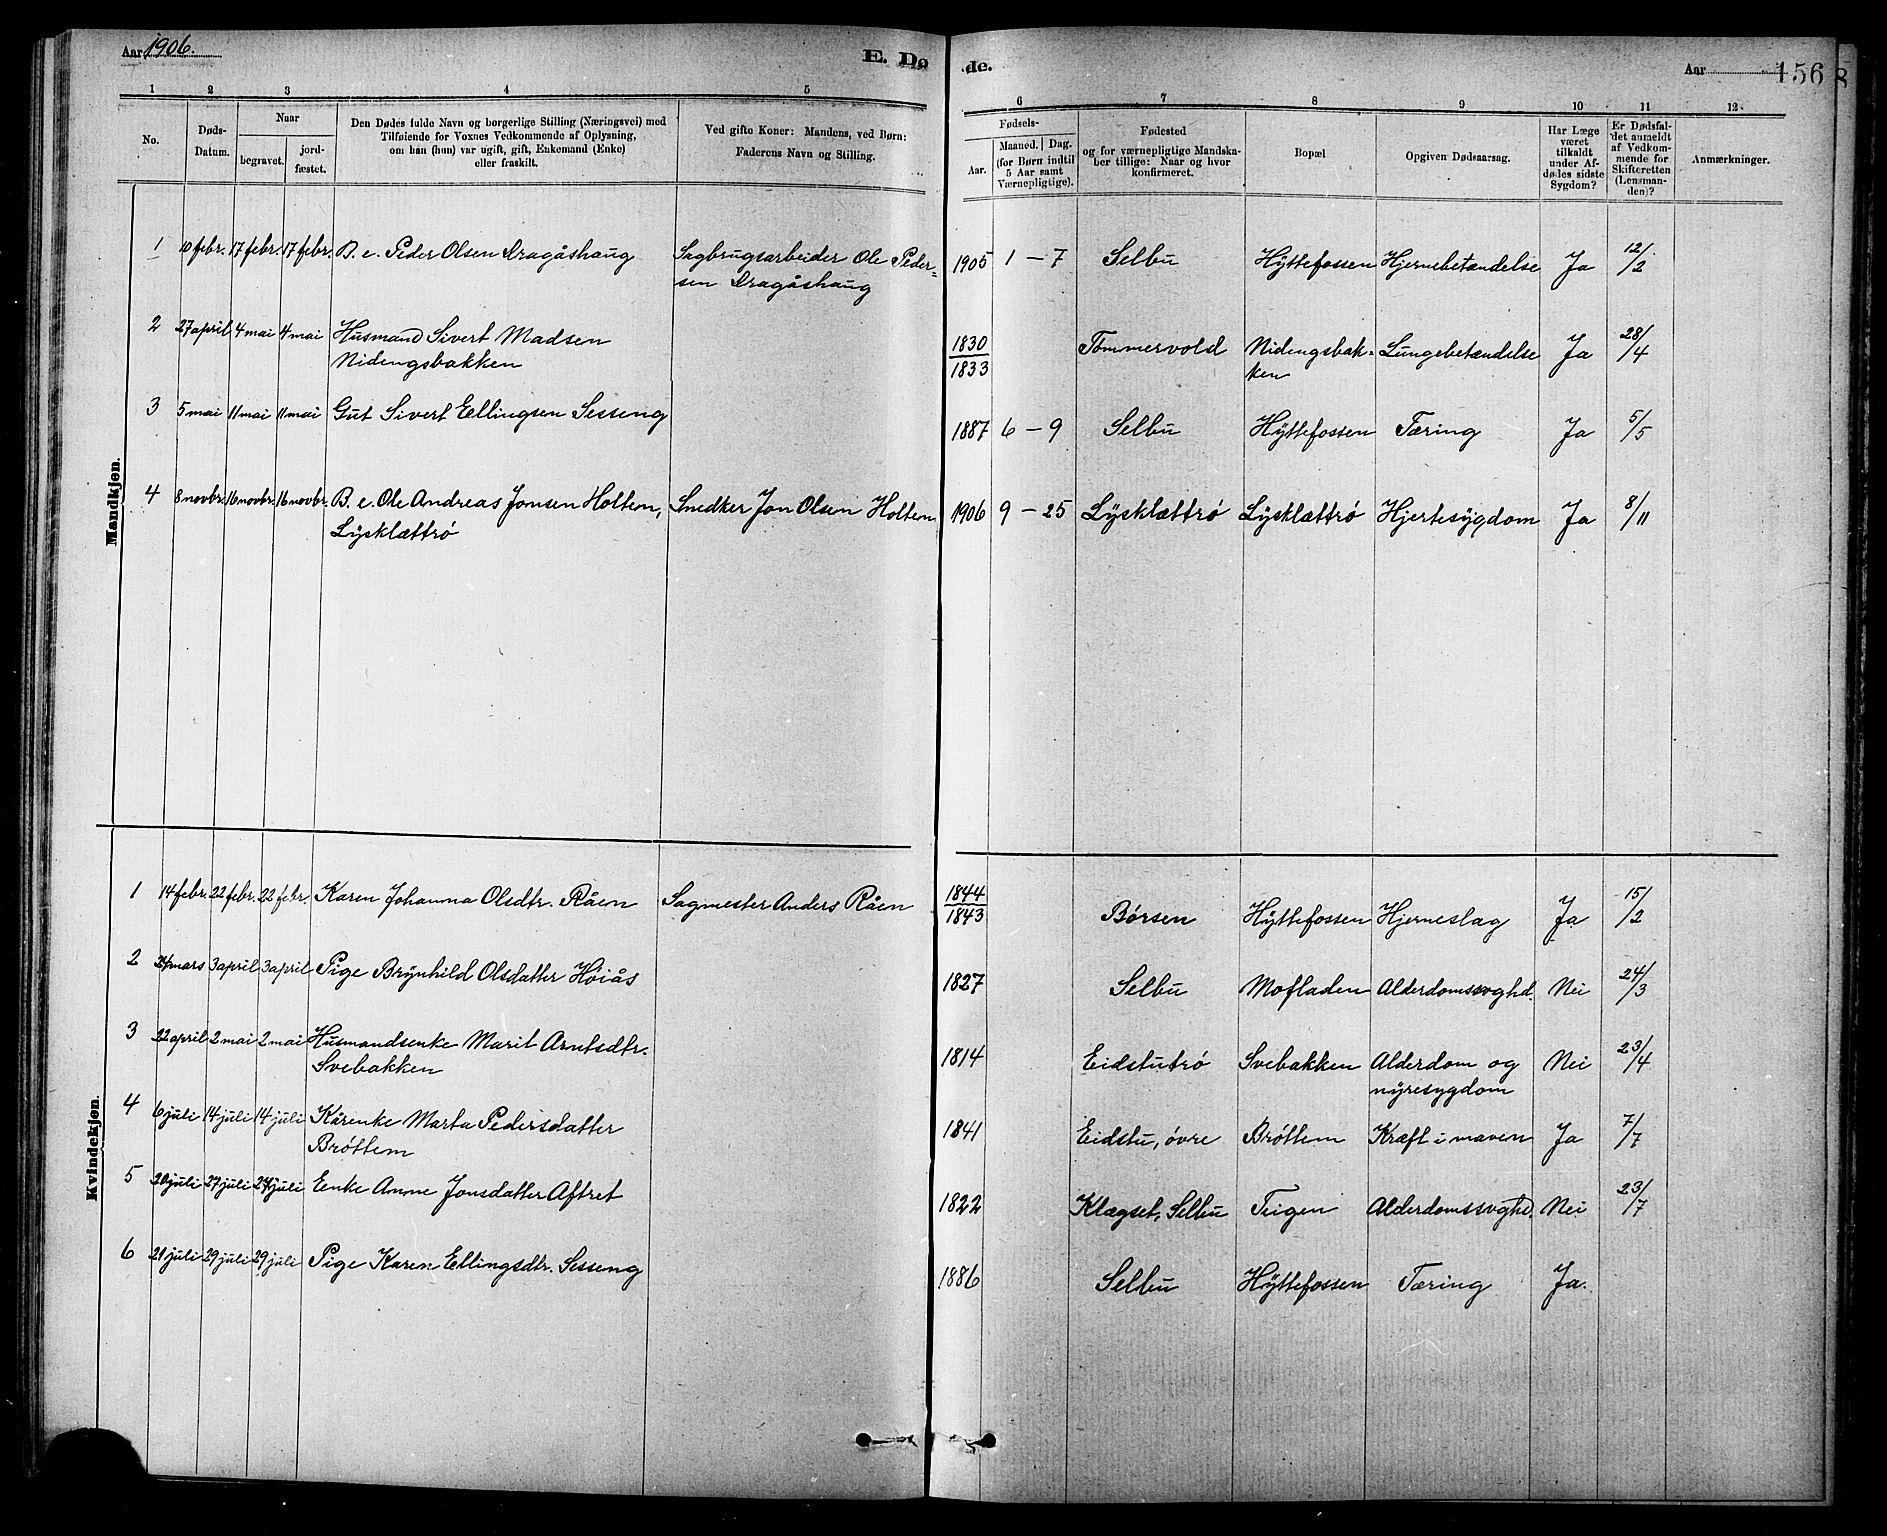 SAT, Ministerialprotokoller, klokkerbøker og fødselsregistre - Sør-Trøndelag, 618/L0452: Klokkerbok nr. 618C03, 1884-1906, s. 156